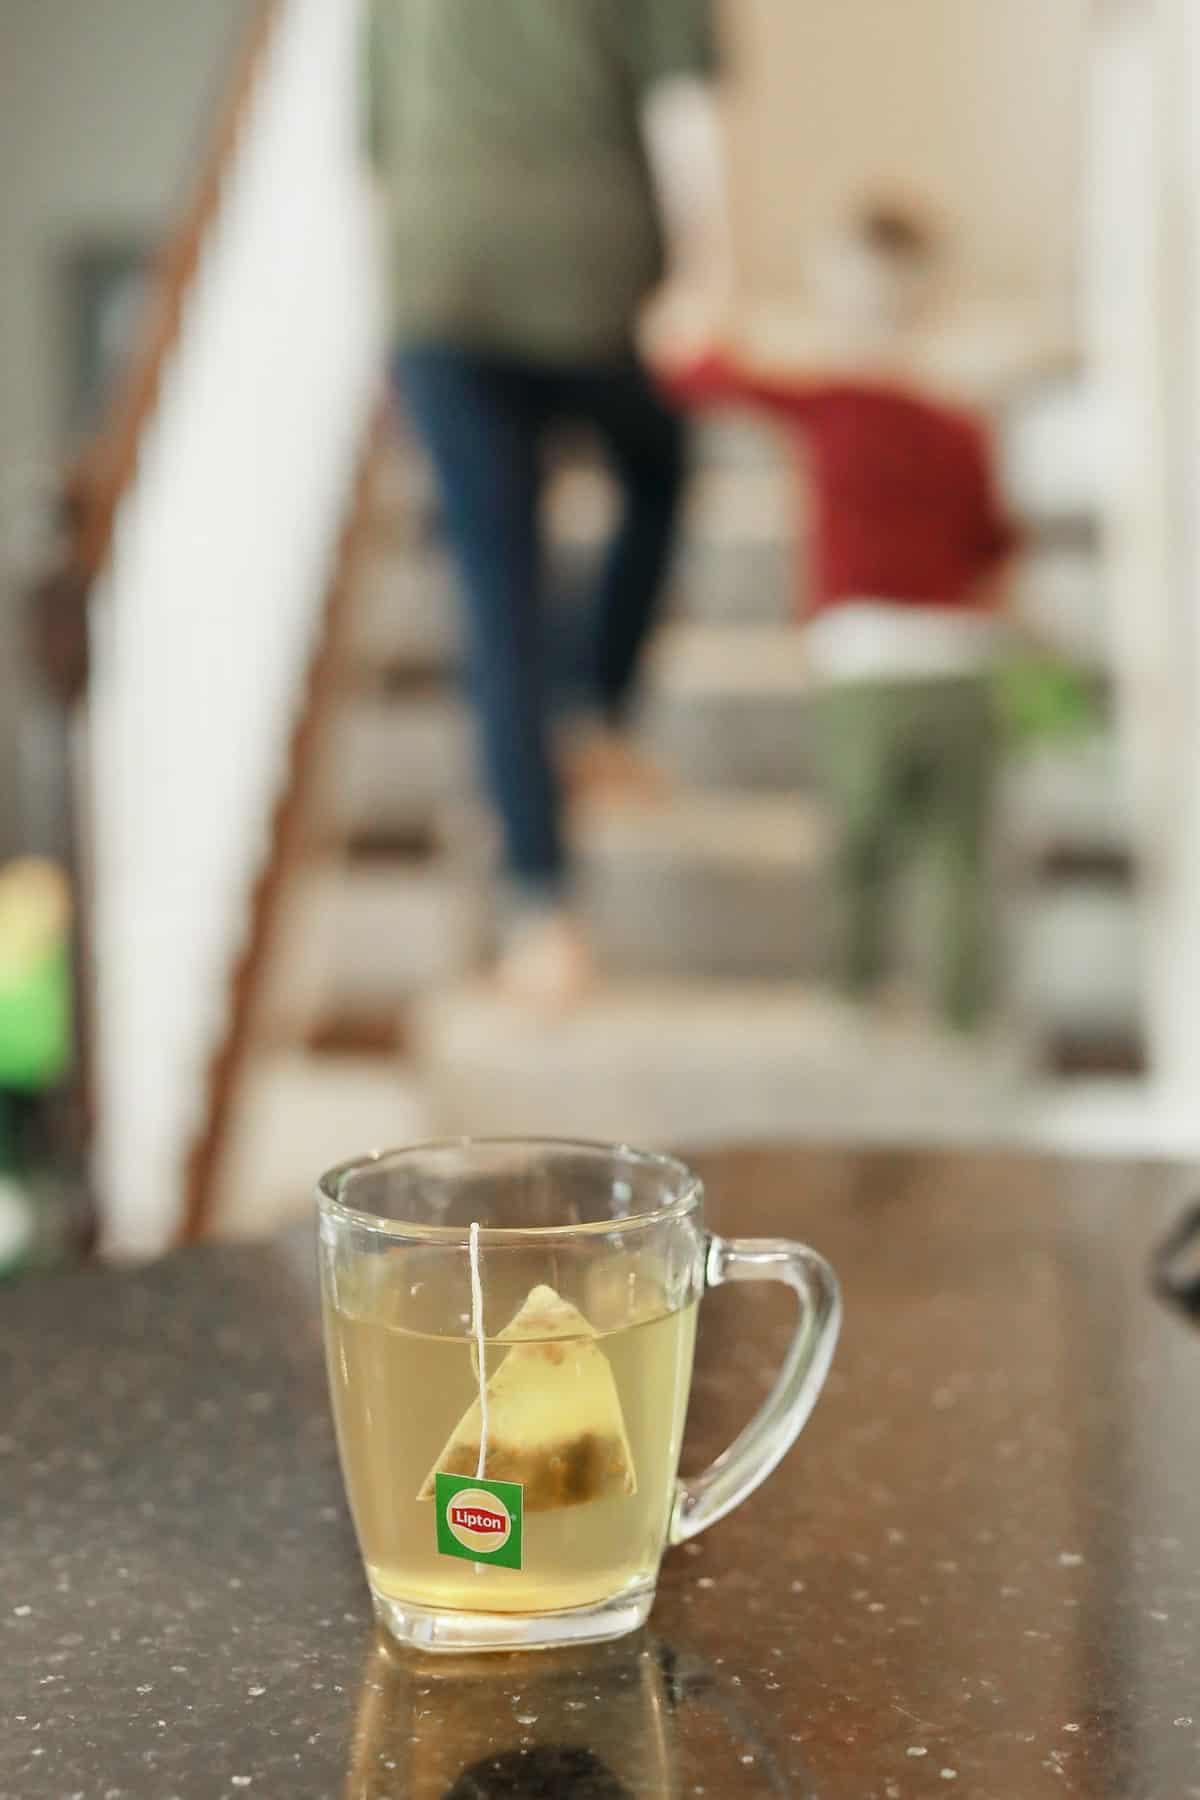 a glass mug of lipton tea